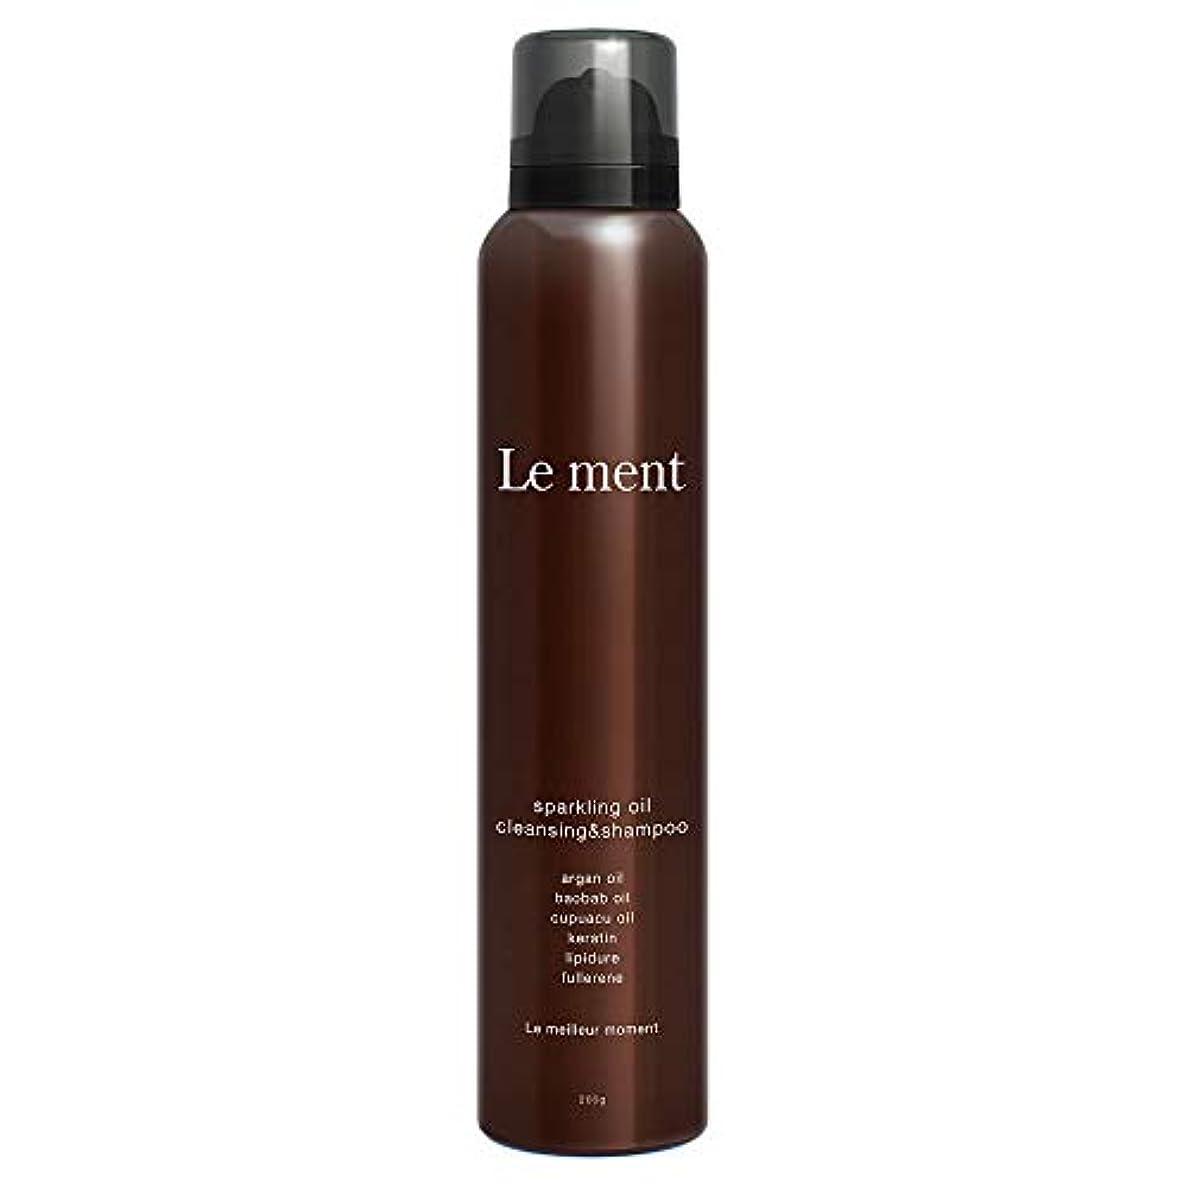 スモッグ誇りに思う露骨なLe ment -sparkling oil cleansing & shampoo -